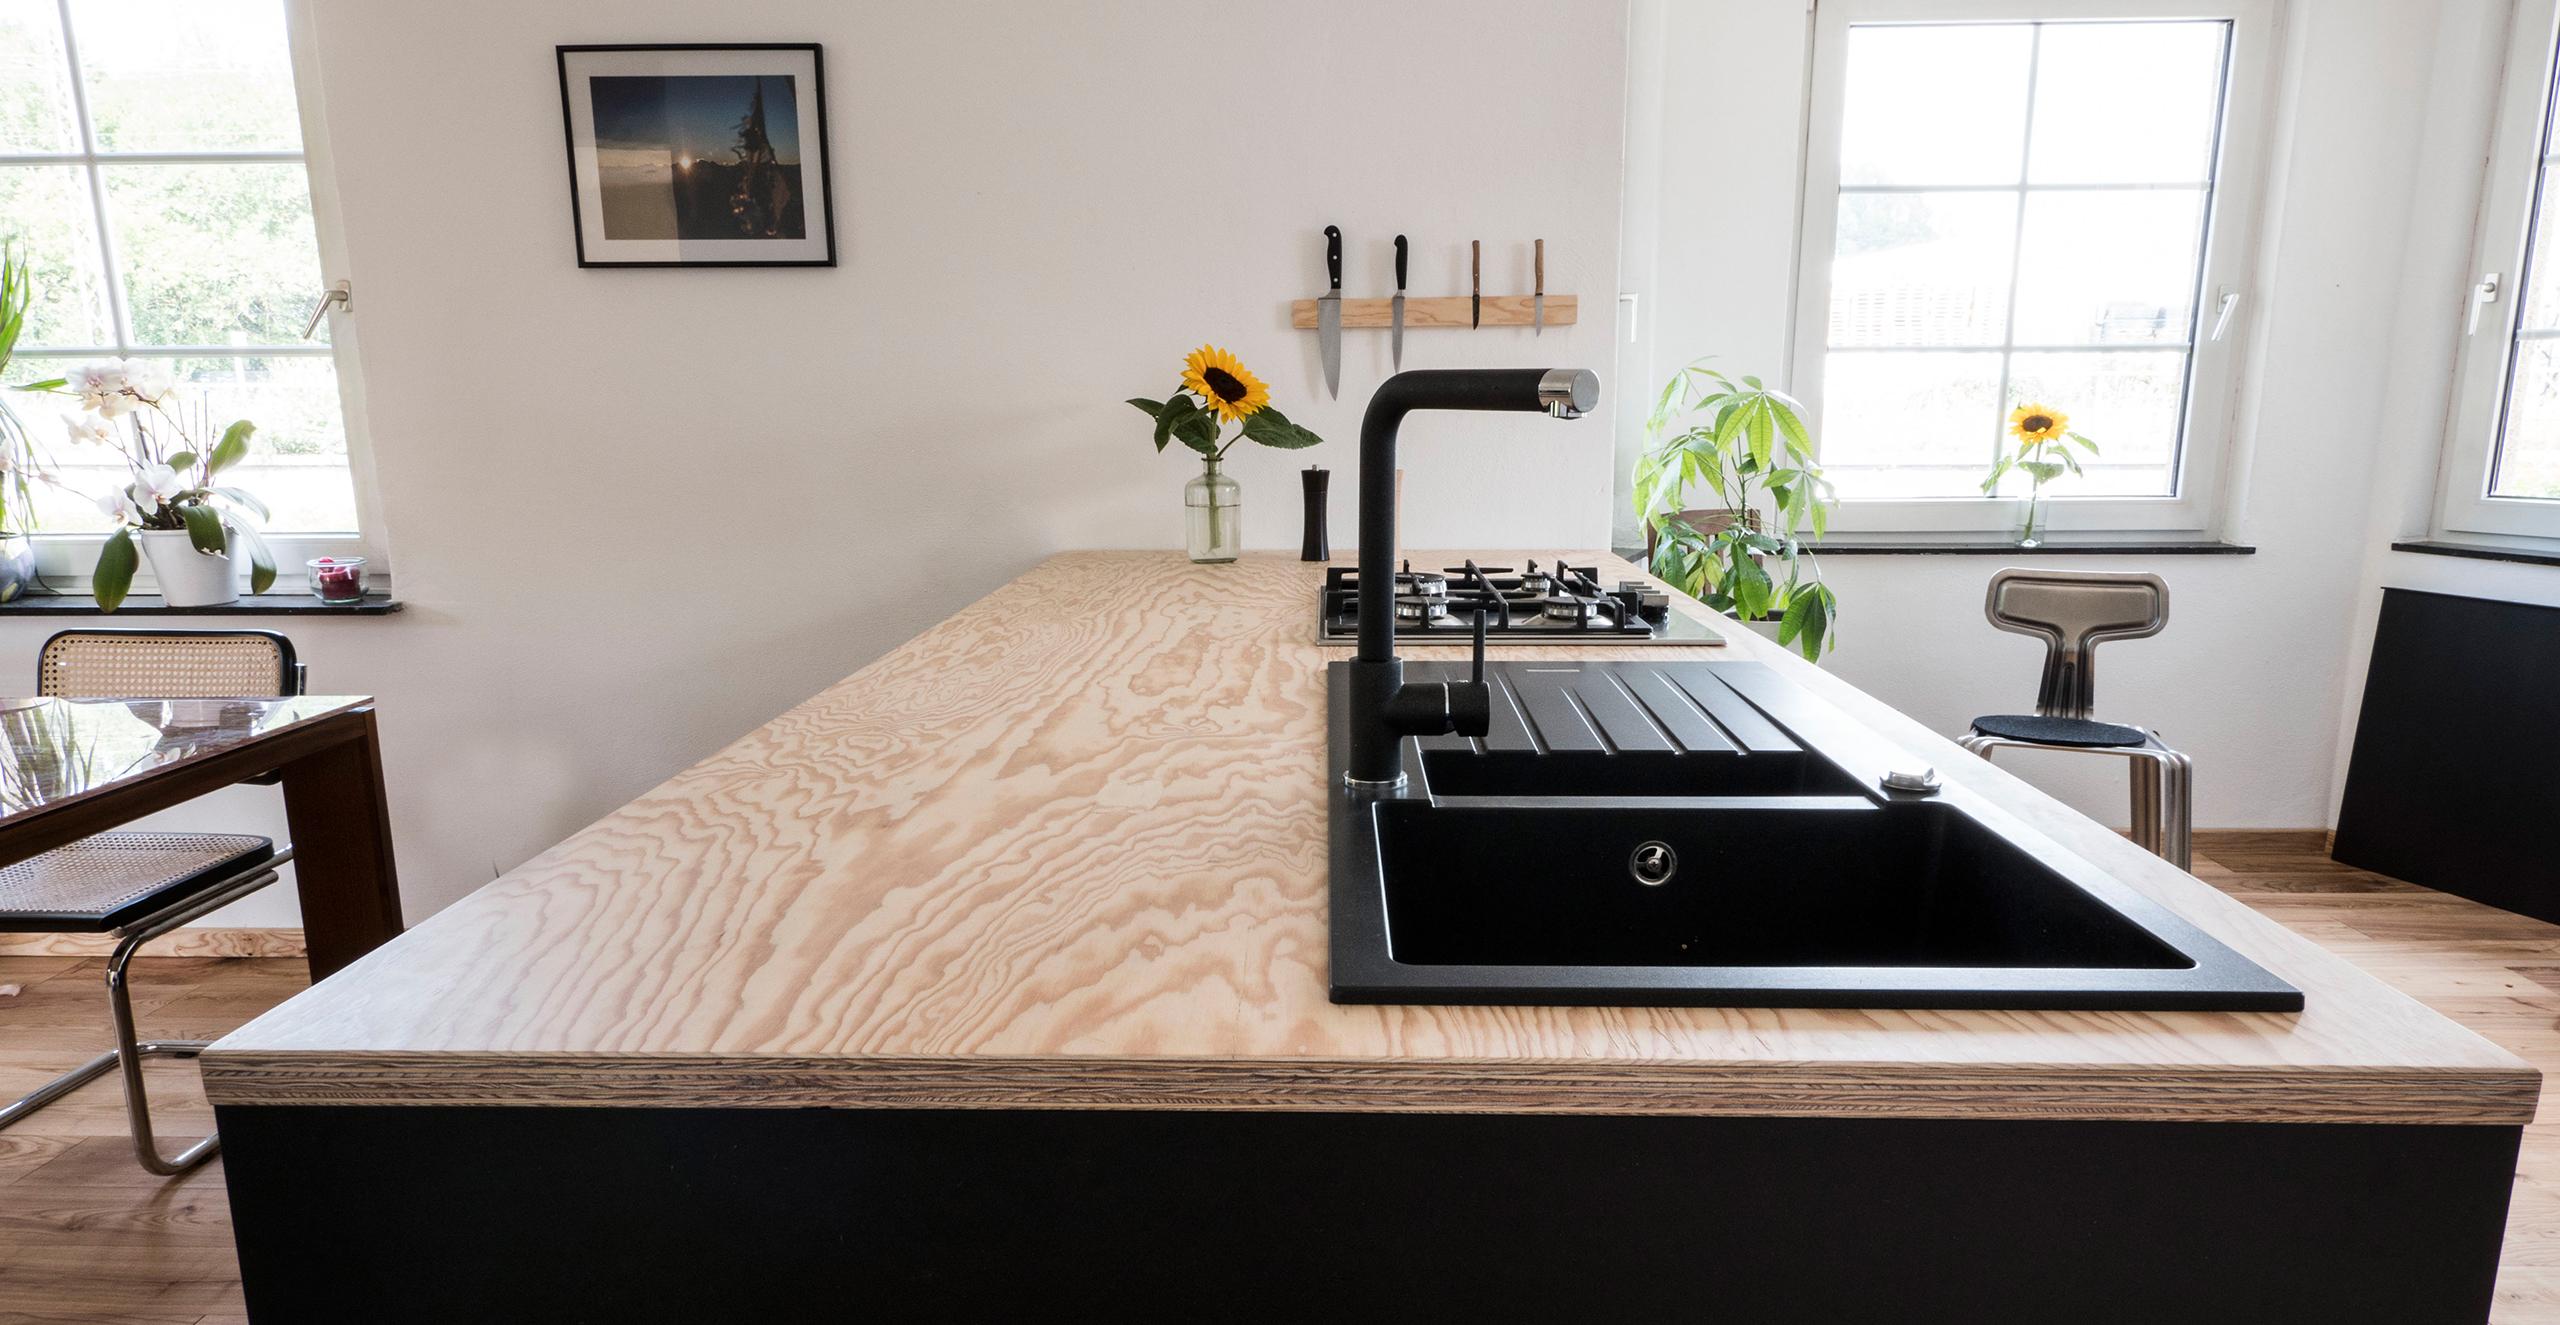 Der Küchenblock als zentraler Punkt im Raum